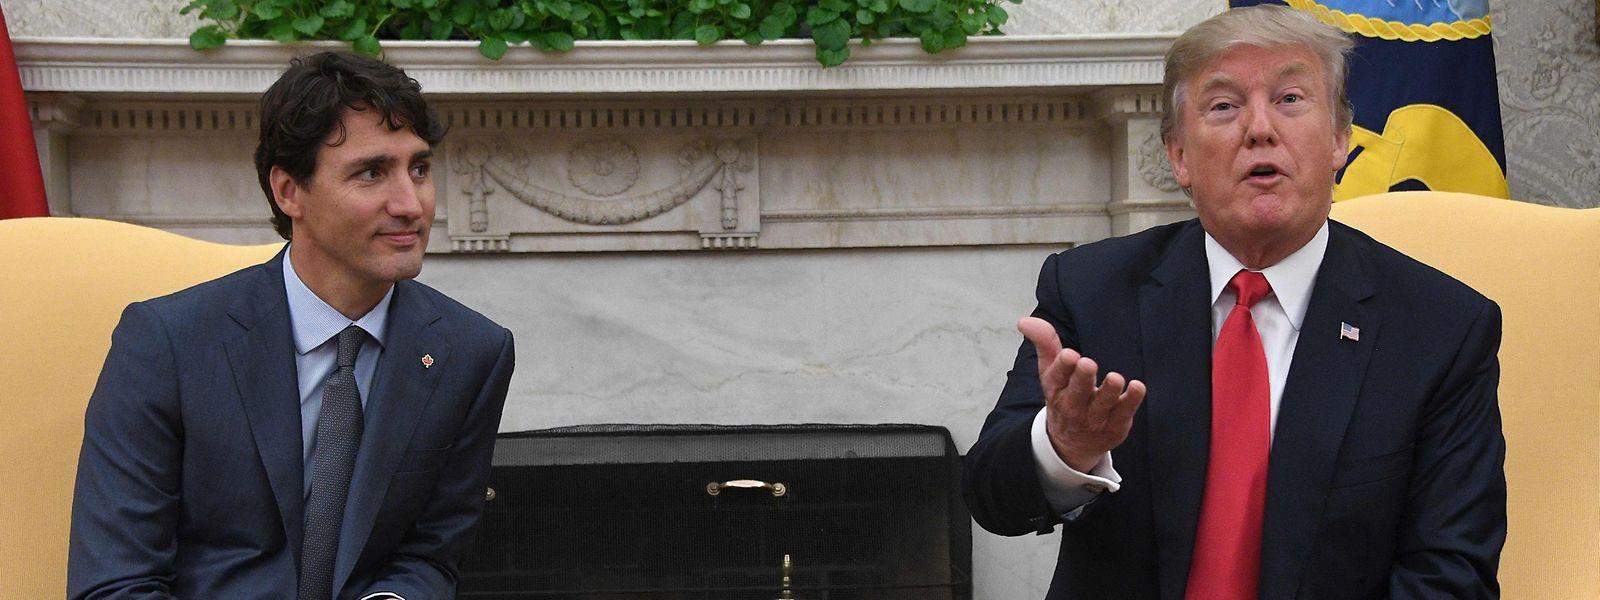 Justin Trudeau (l.) war zum zweiten Mal im Weißen Haus zu Gast.